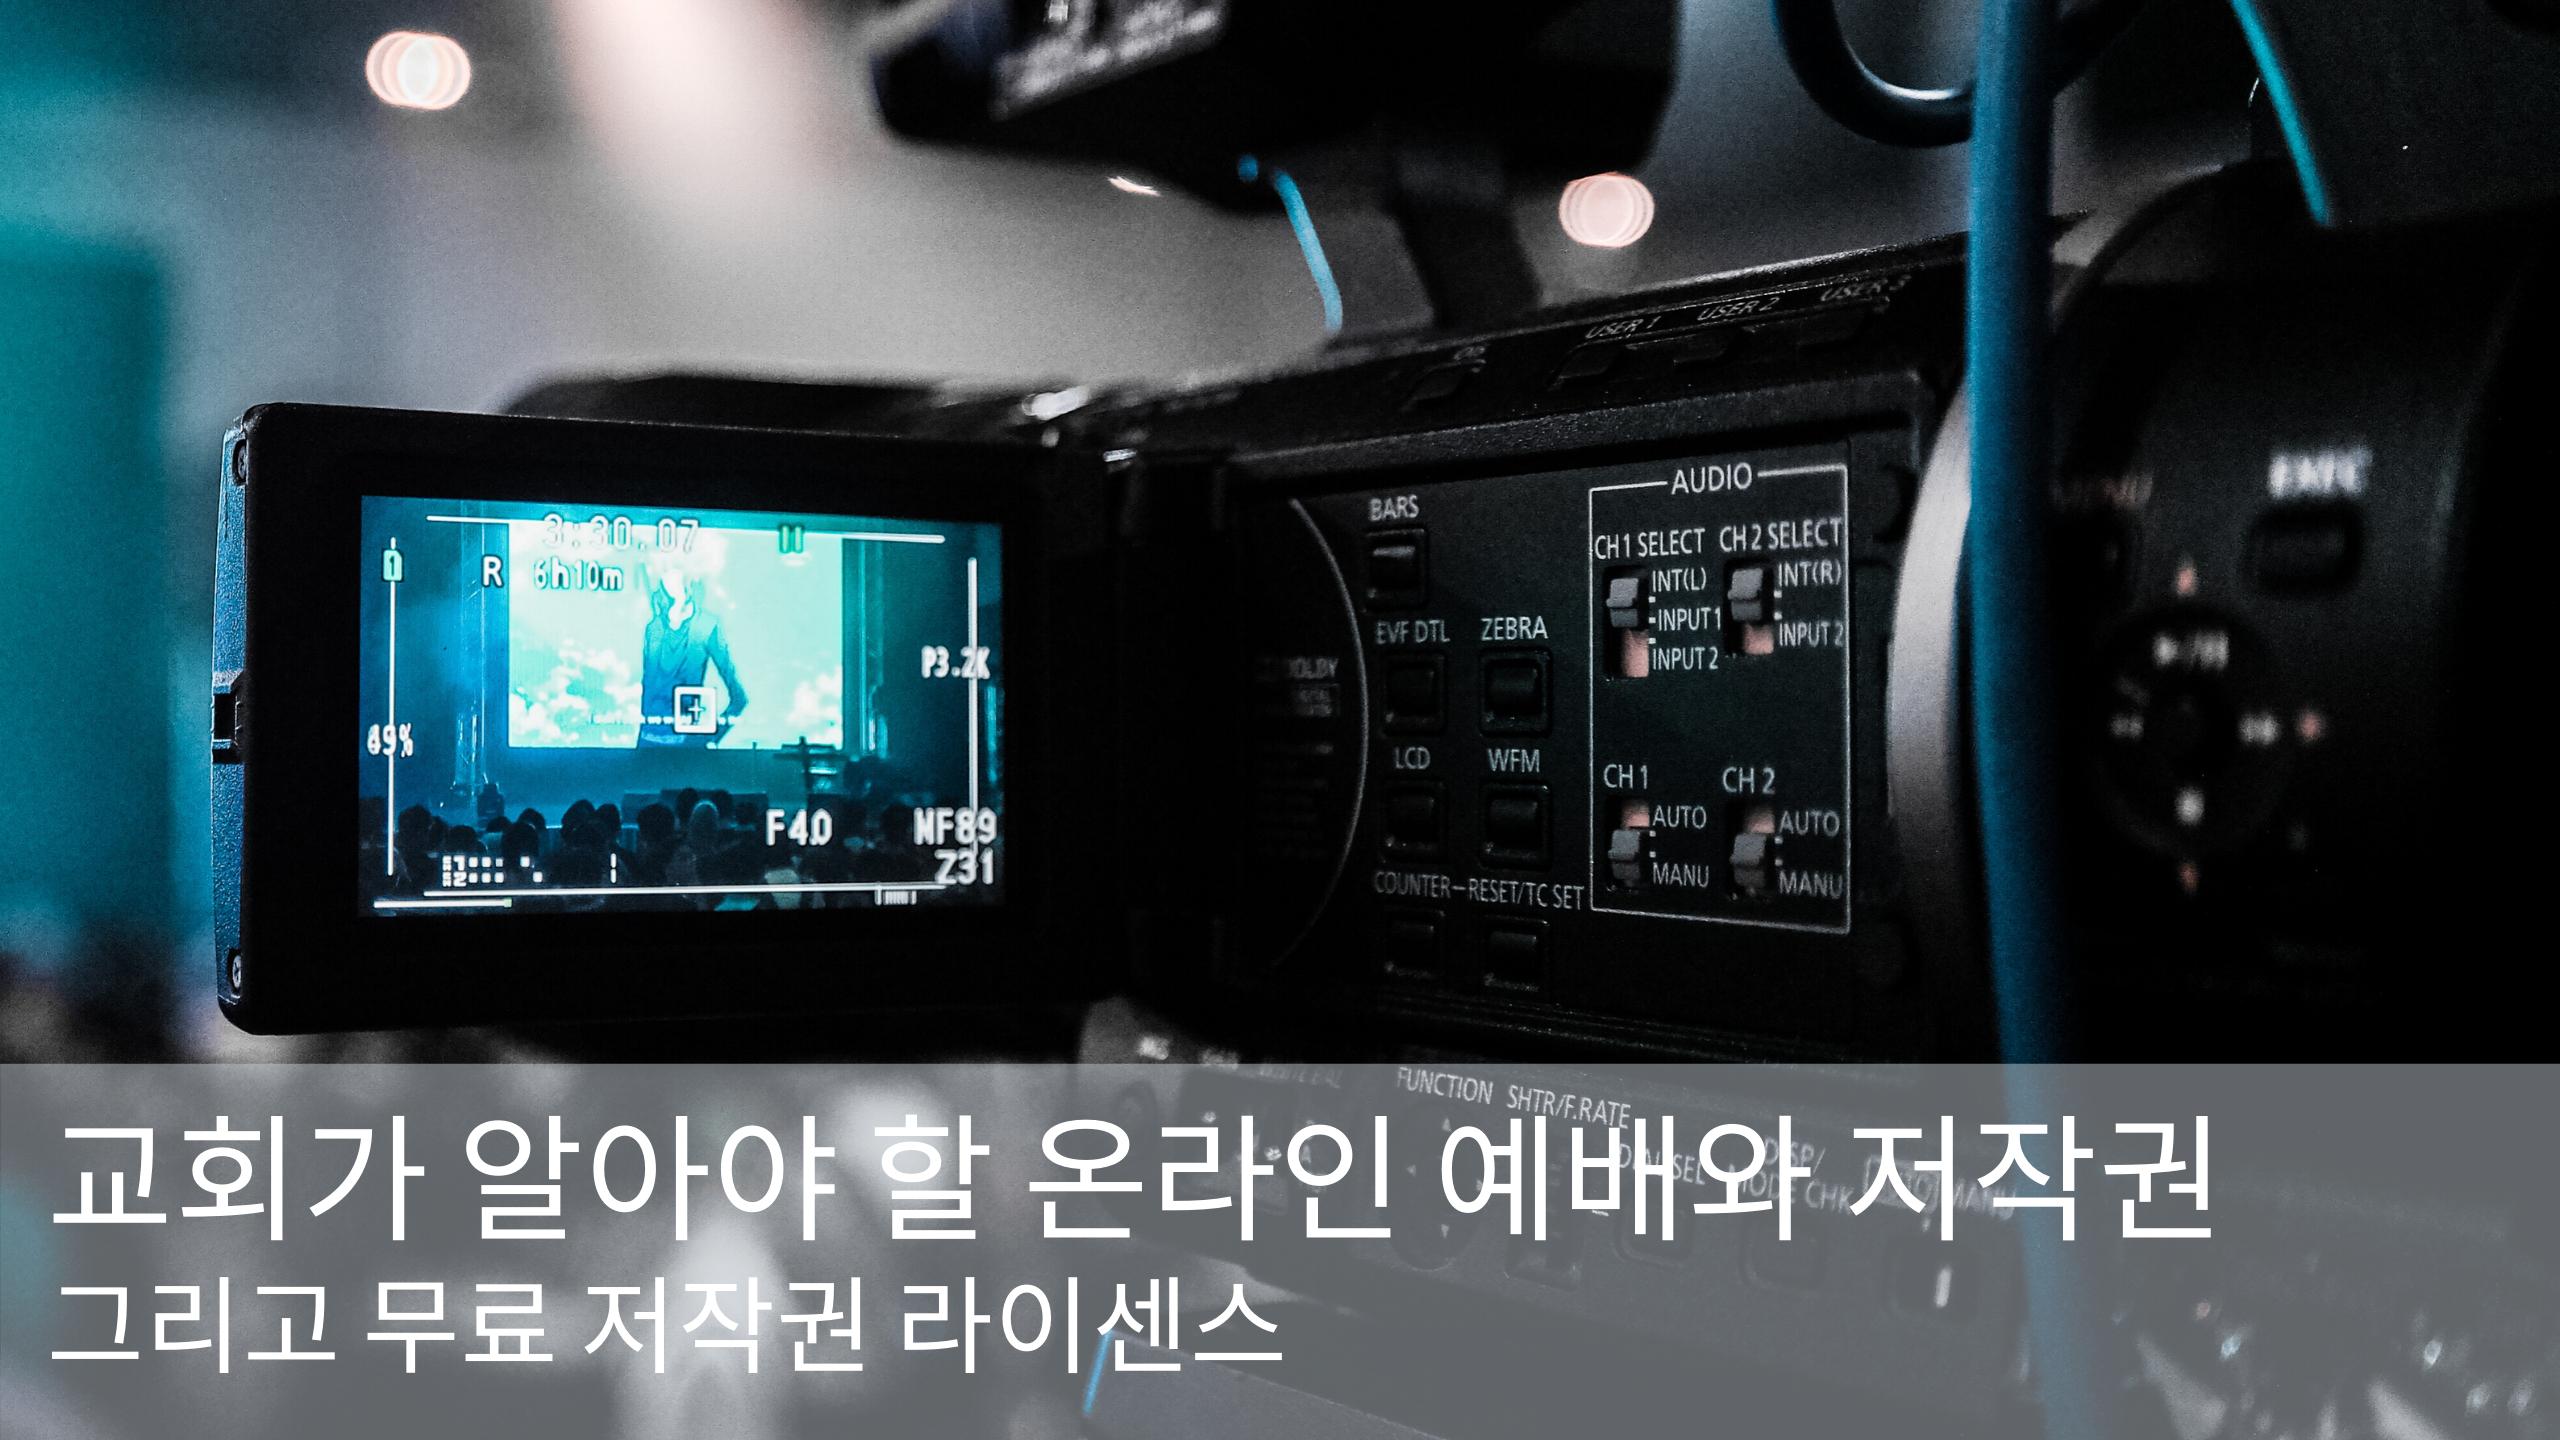 생방송 카메라. 사진 도날드 텅, 픽셀스